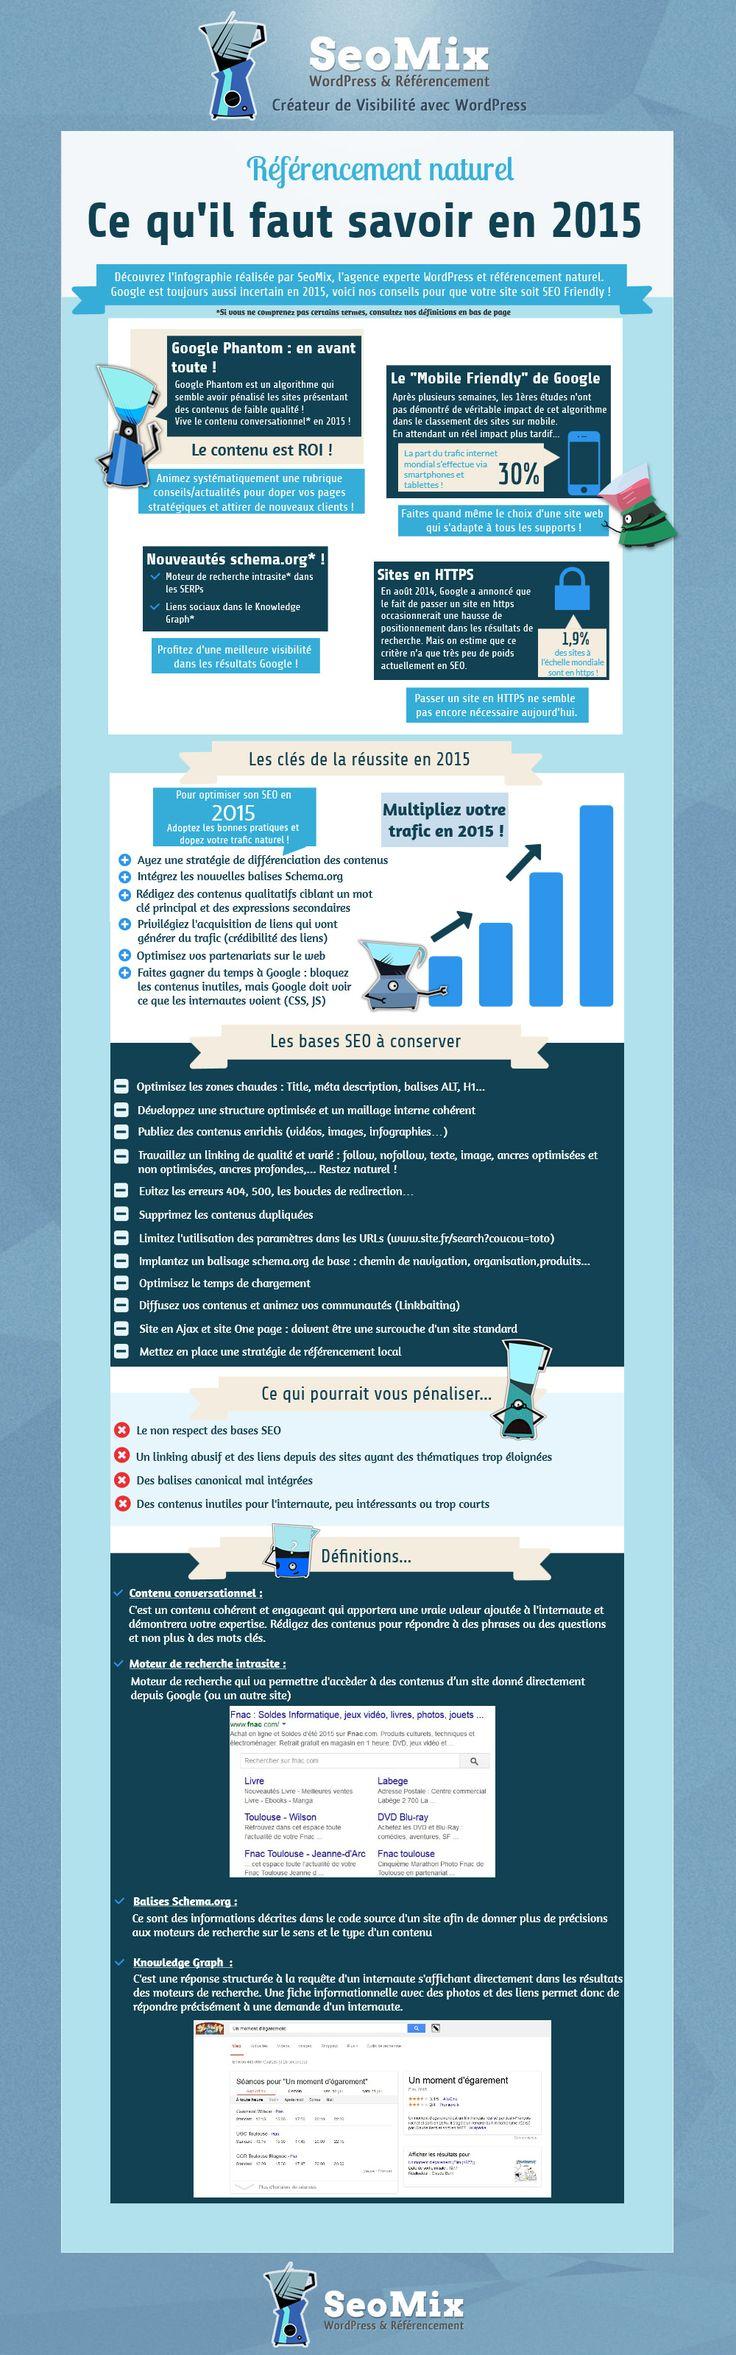 [infographie] Conseils #SEO 2015 : Comment améliorer son référencement naturel ?